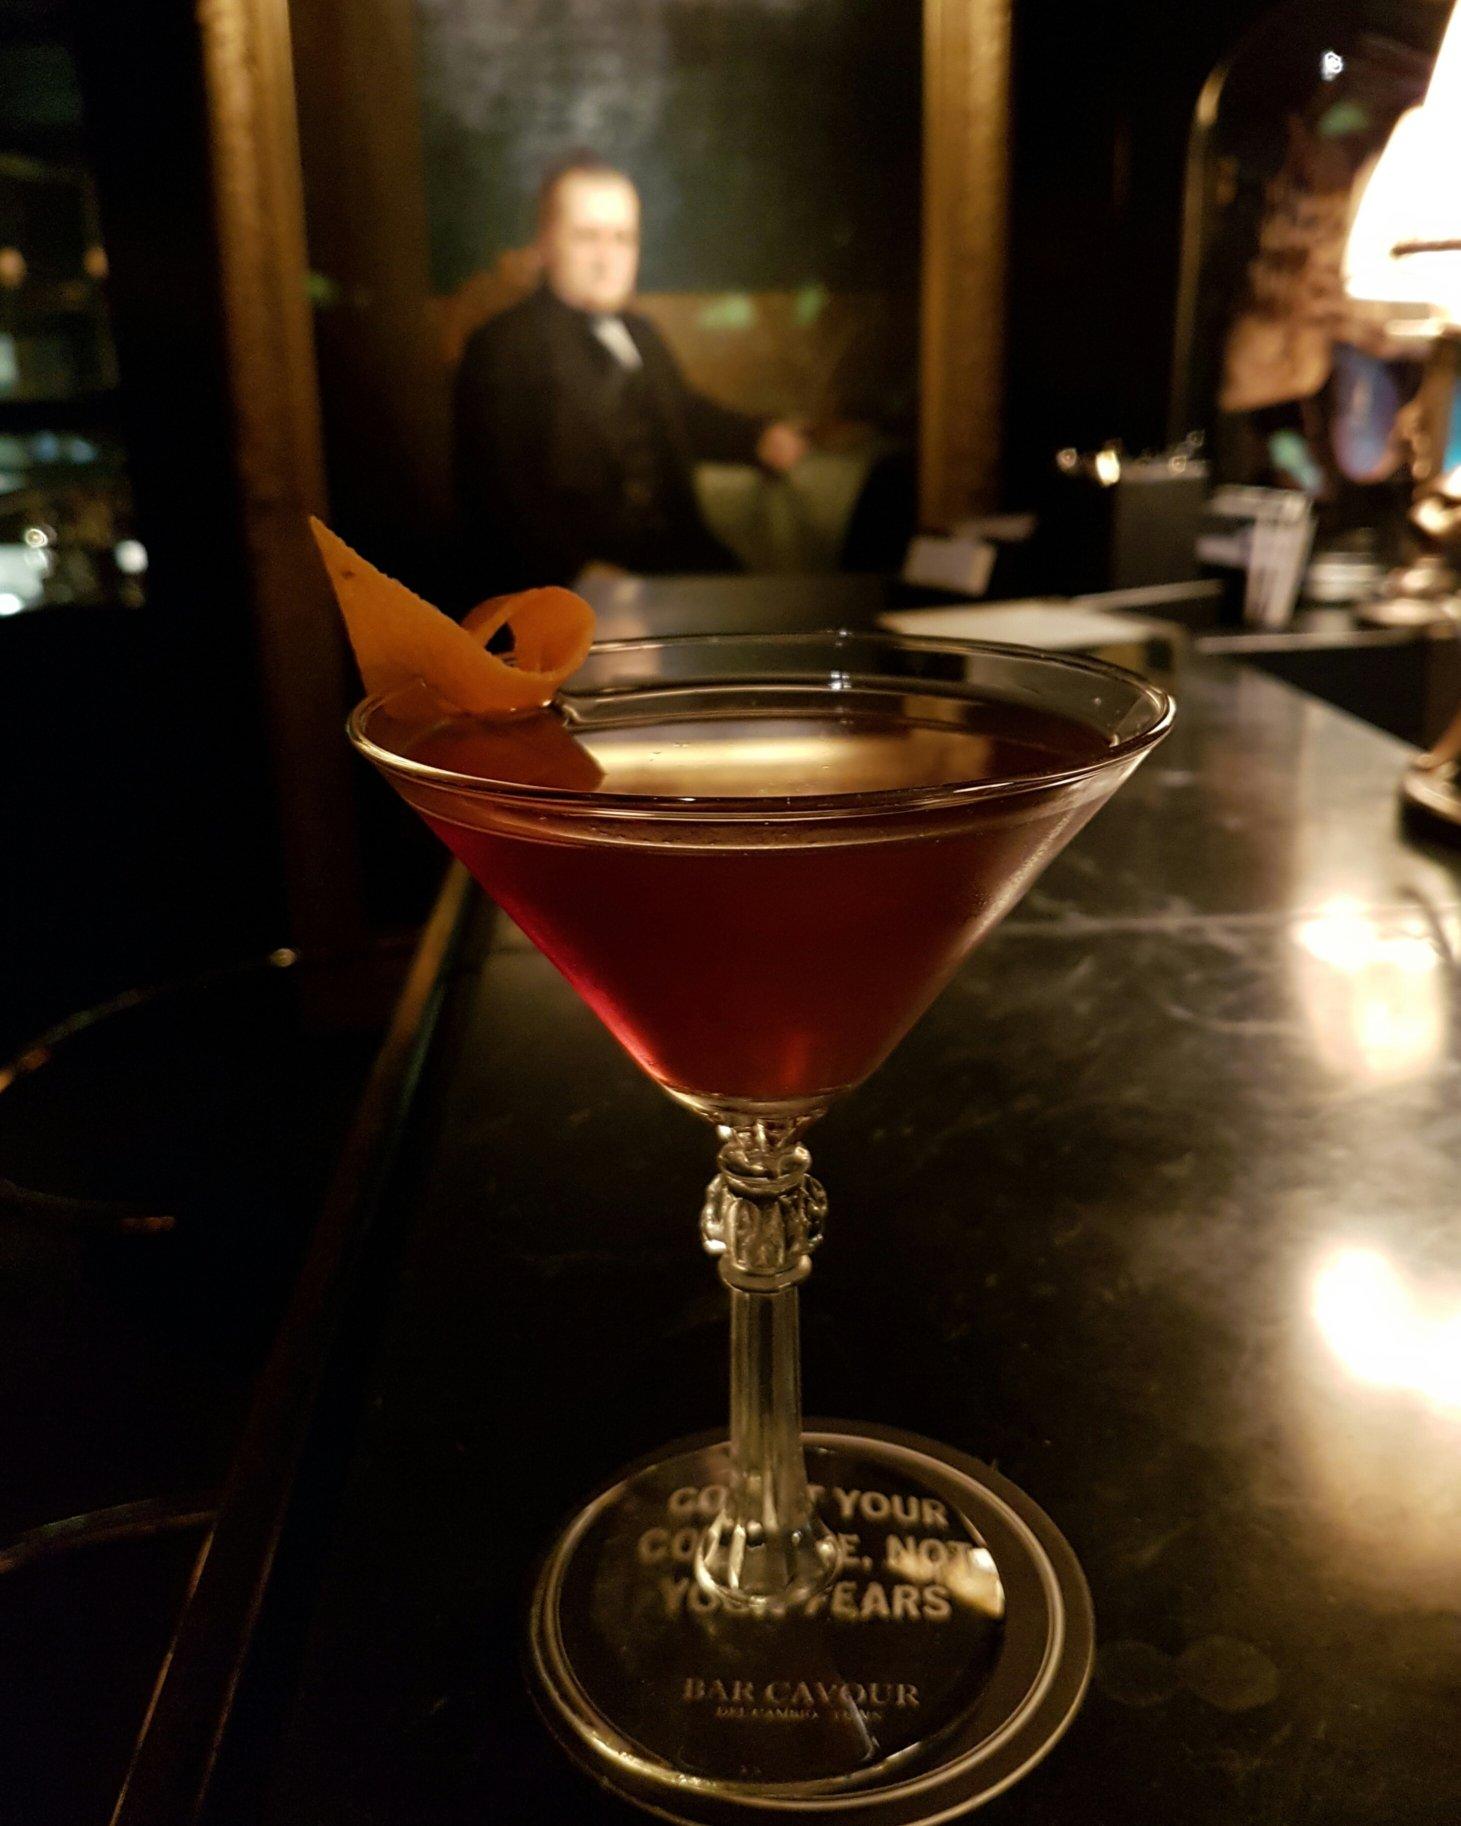 A delicious Manhattan and Camillo Benso, Conte di Cavour